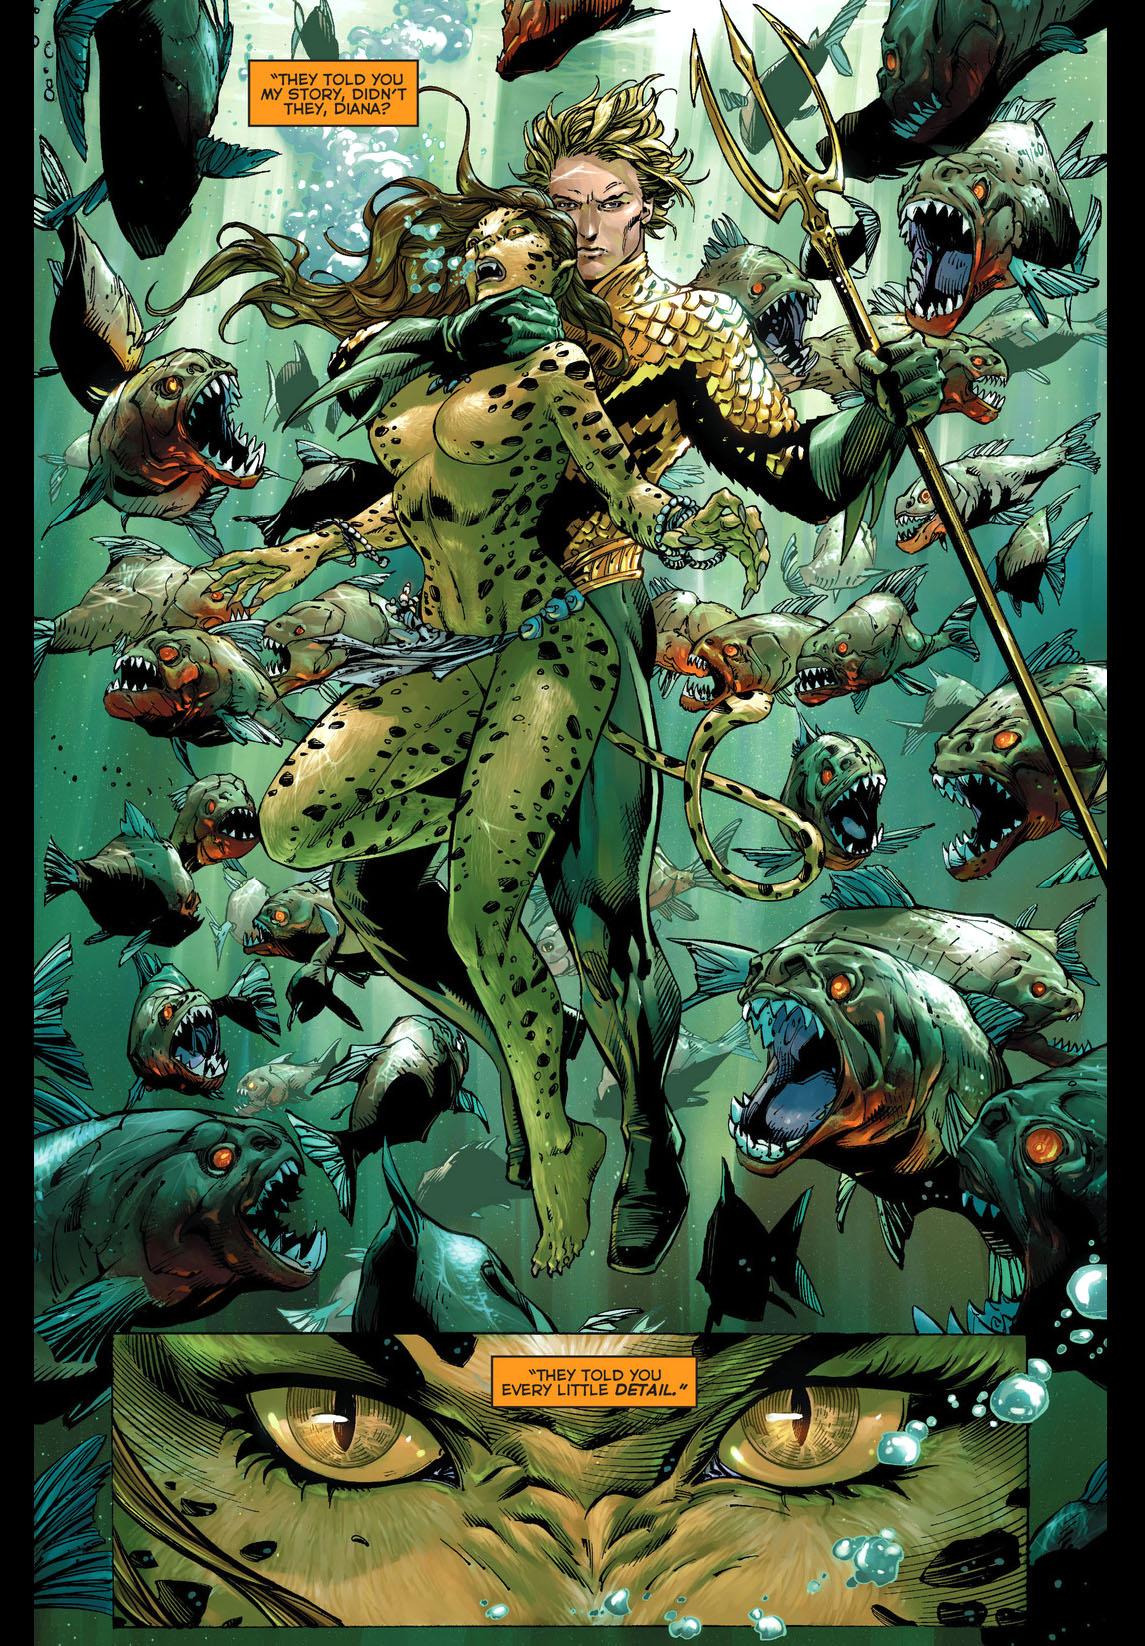 The Flash, Wonder Woman And Aquaman Vs The Cheetah -2952